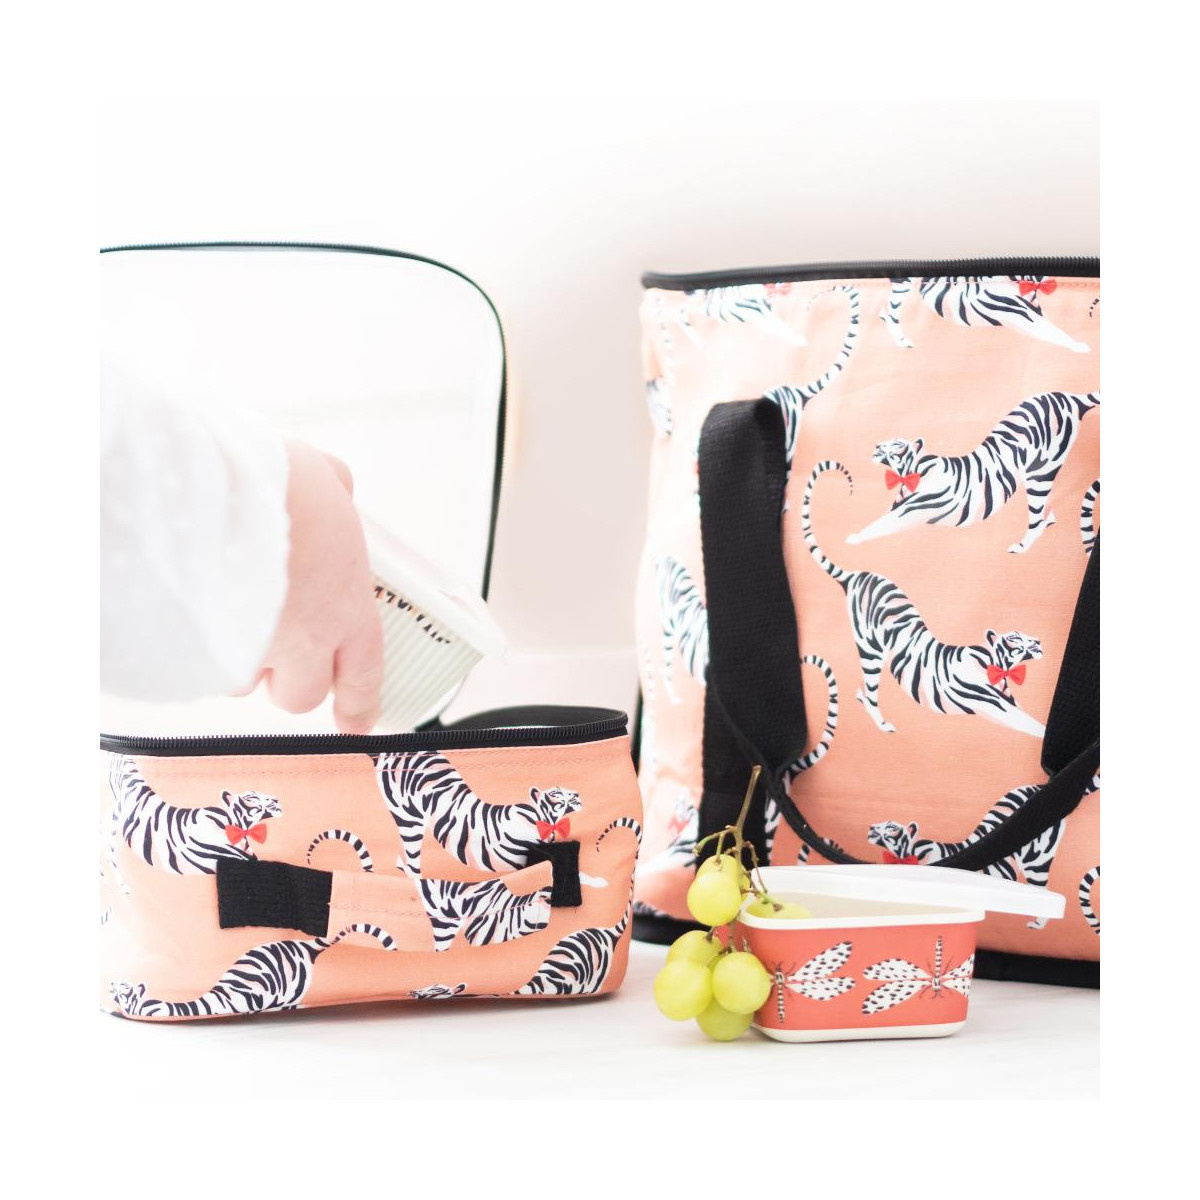 Yvonne Ellen London Yvonne Ellen PICNIC Tropical Cooler Bag 31 x 40 x 19 cm - Copy